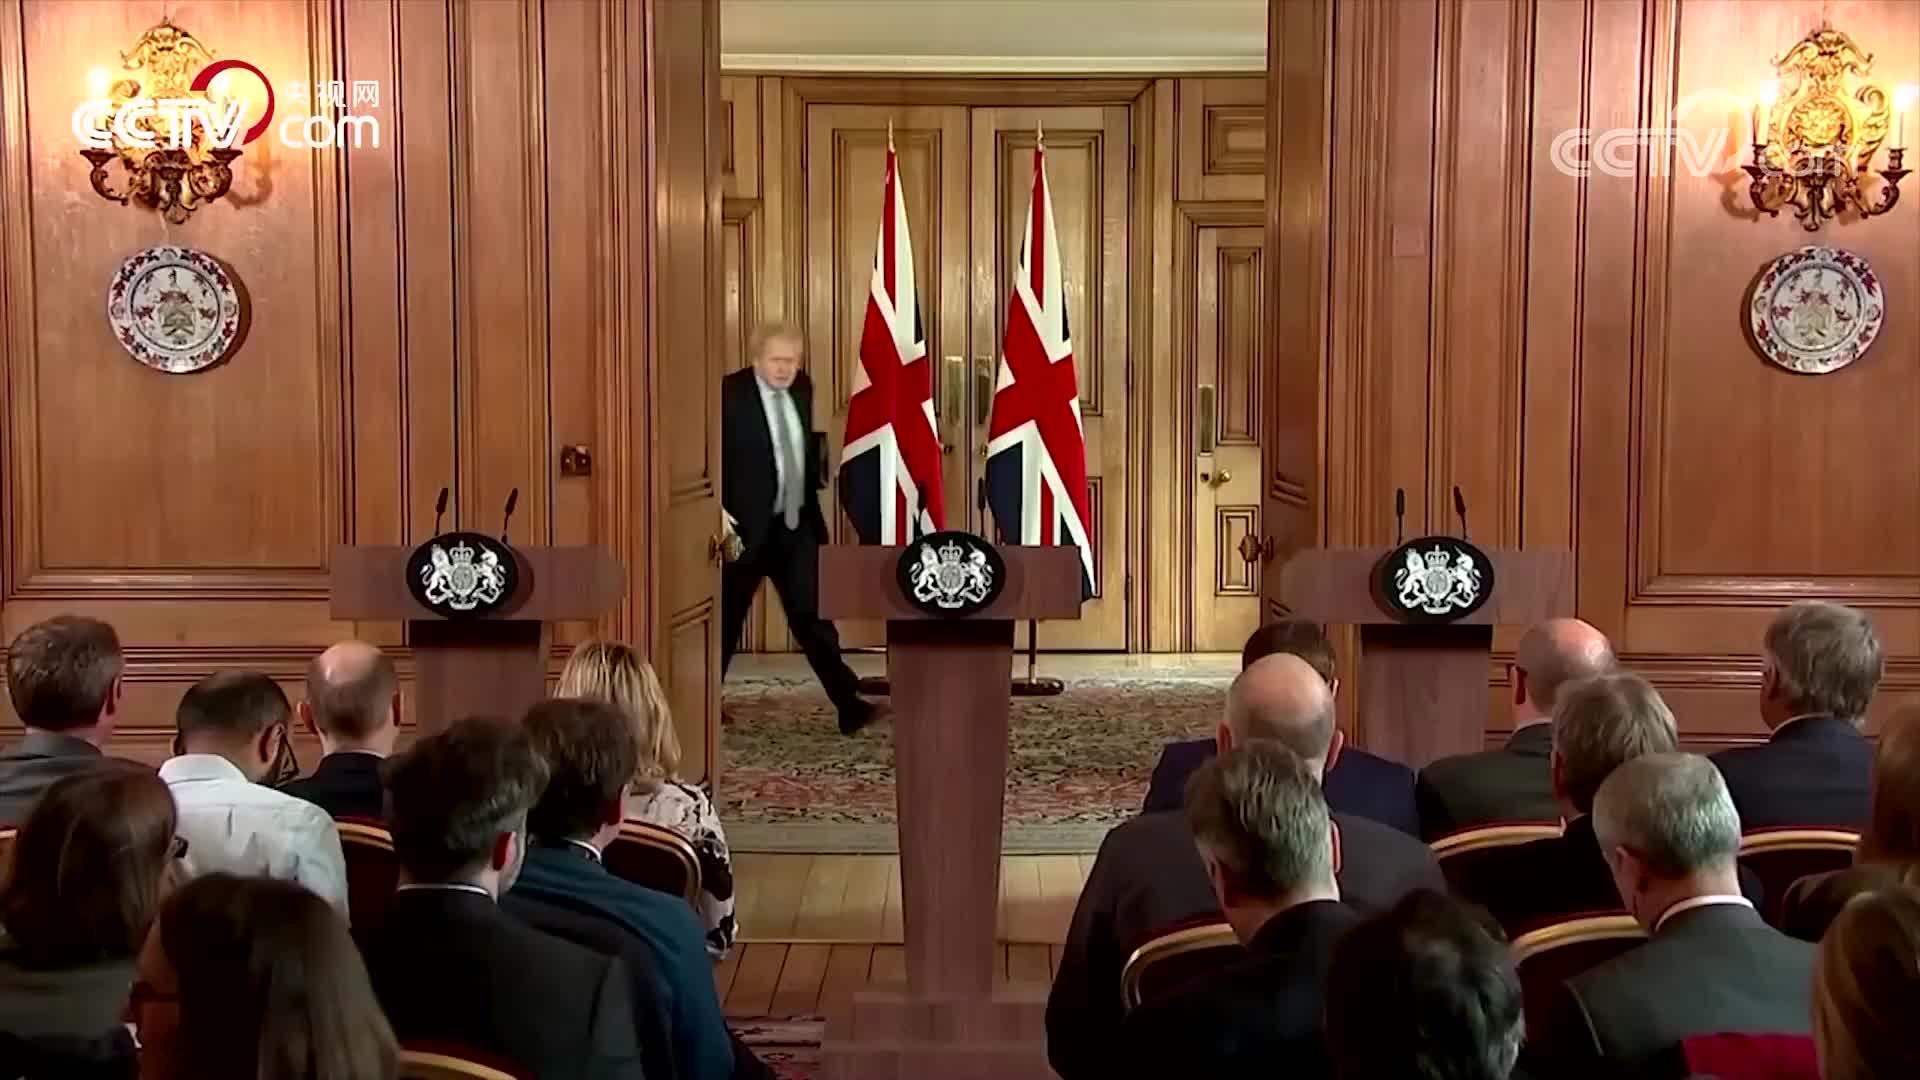 英国首相约翰逊自称曾与病人握手